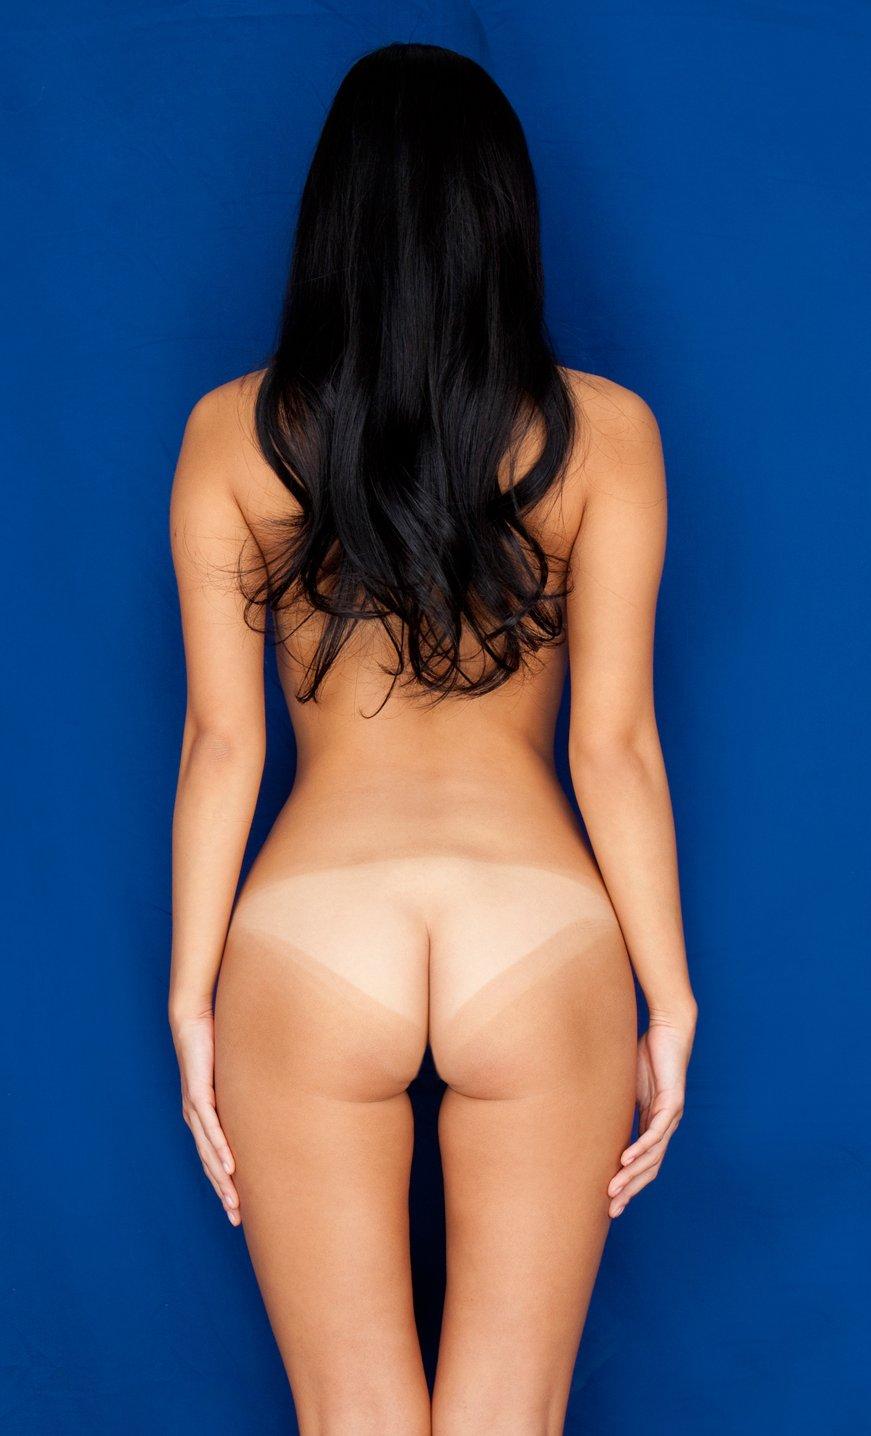 【エロ画像】剥きたての桃のようなwww日焼けあとヌードお尻編 05